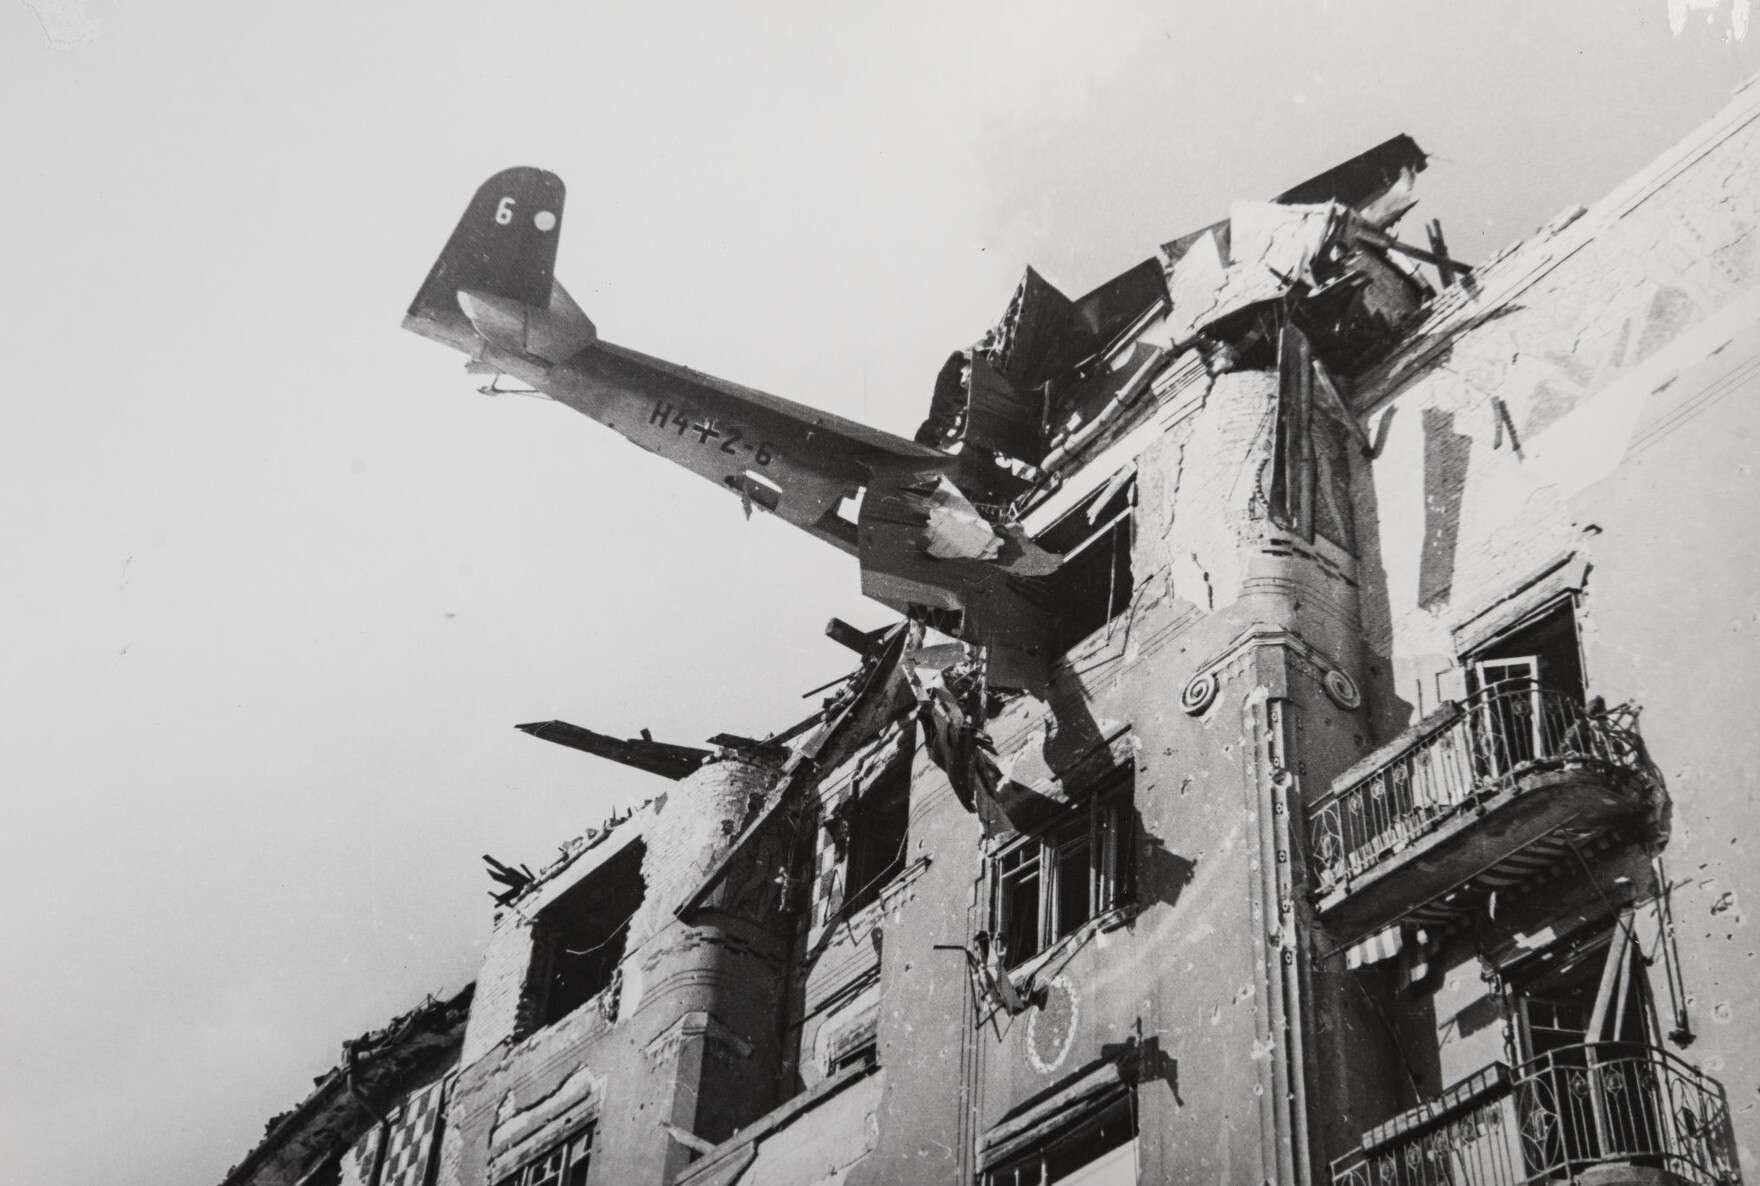 Евгений Халдей.    Немецкий планер врезался в дом   Венгрия, Будапешт,ул. Аттилы, 1945